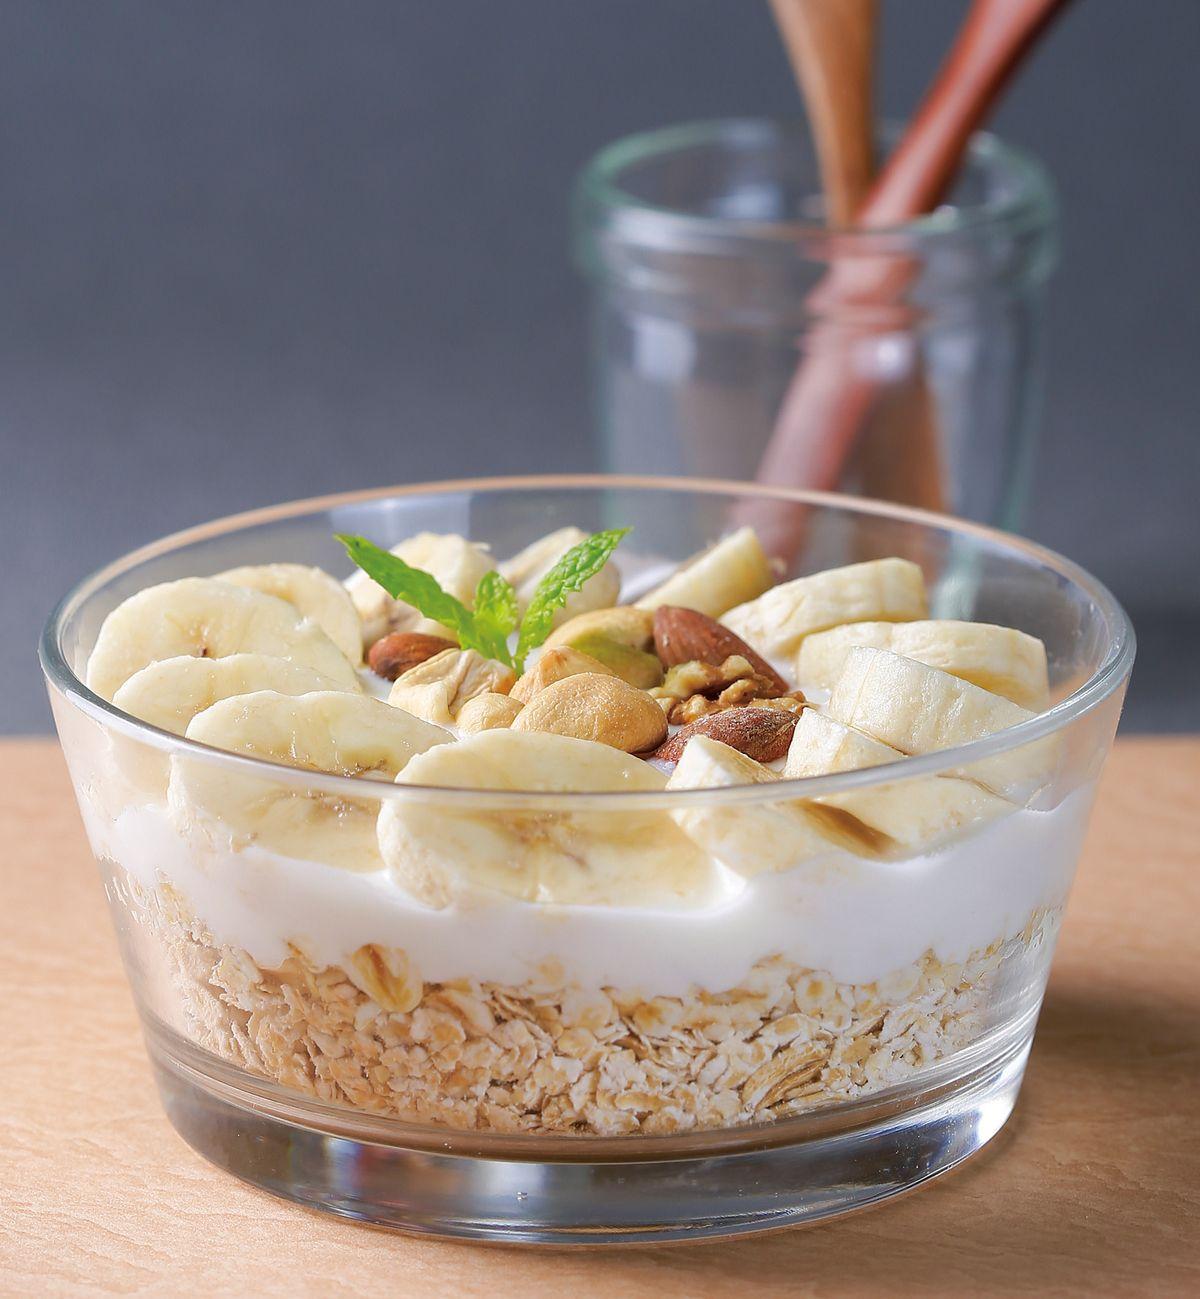 食譜:優格香蕉燕麥